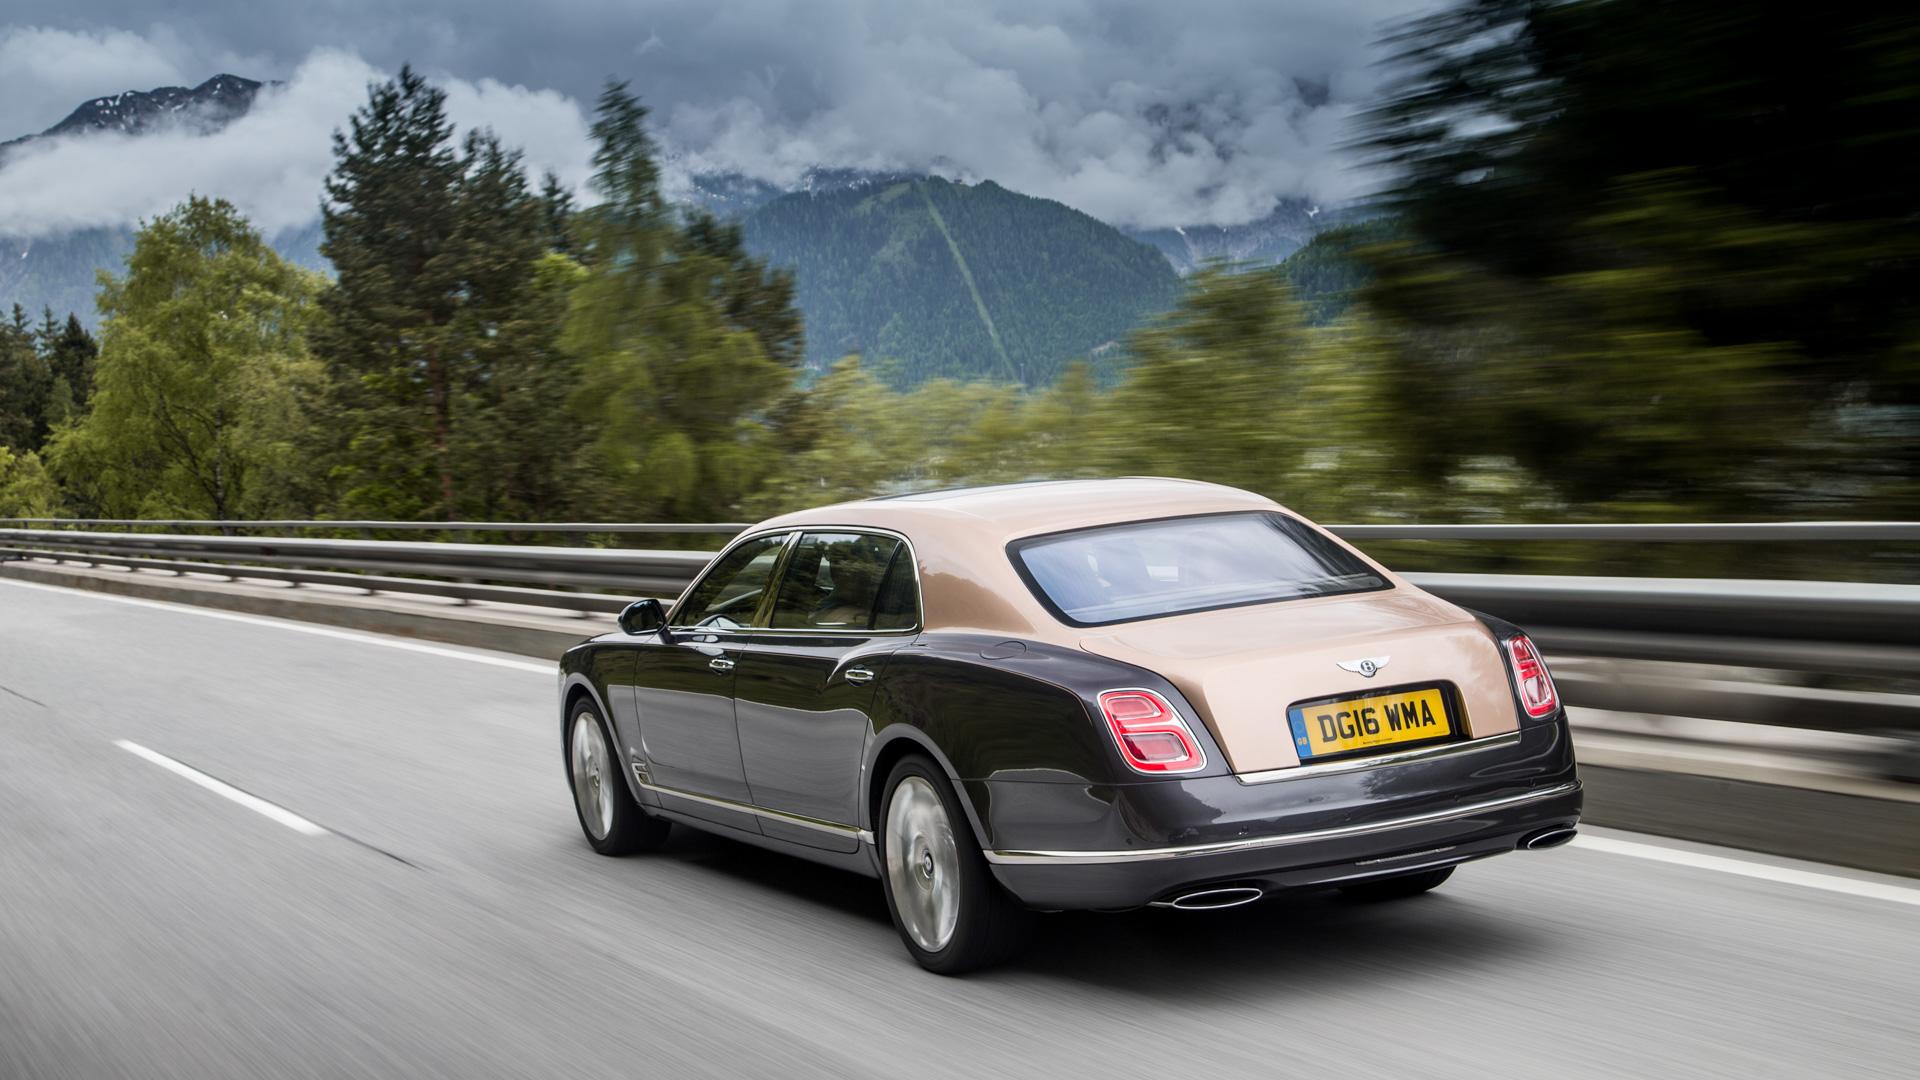 Мыокунулись вовнутренний мир обновленного Bentley Mulsanne. И, кажется, досих пор невынырнули. Фото 4